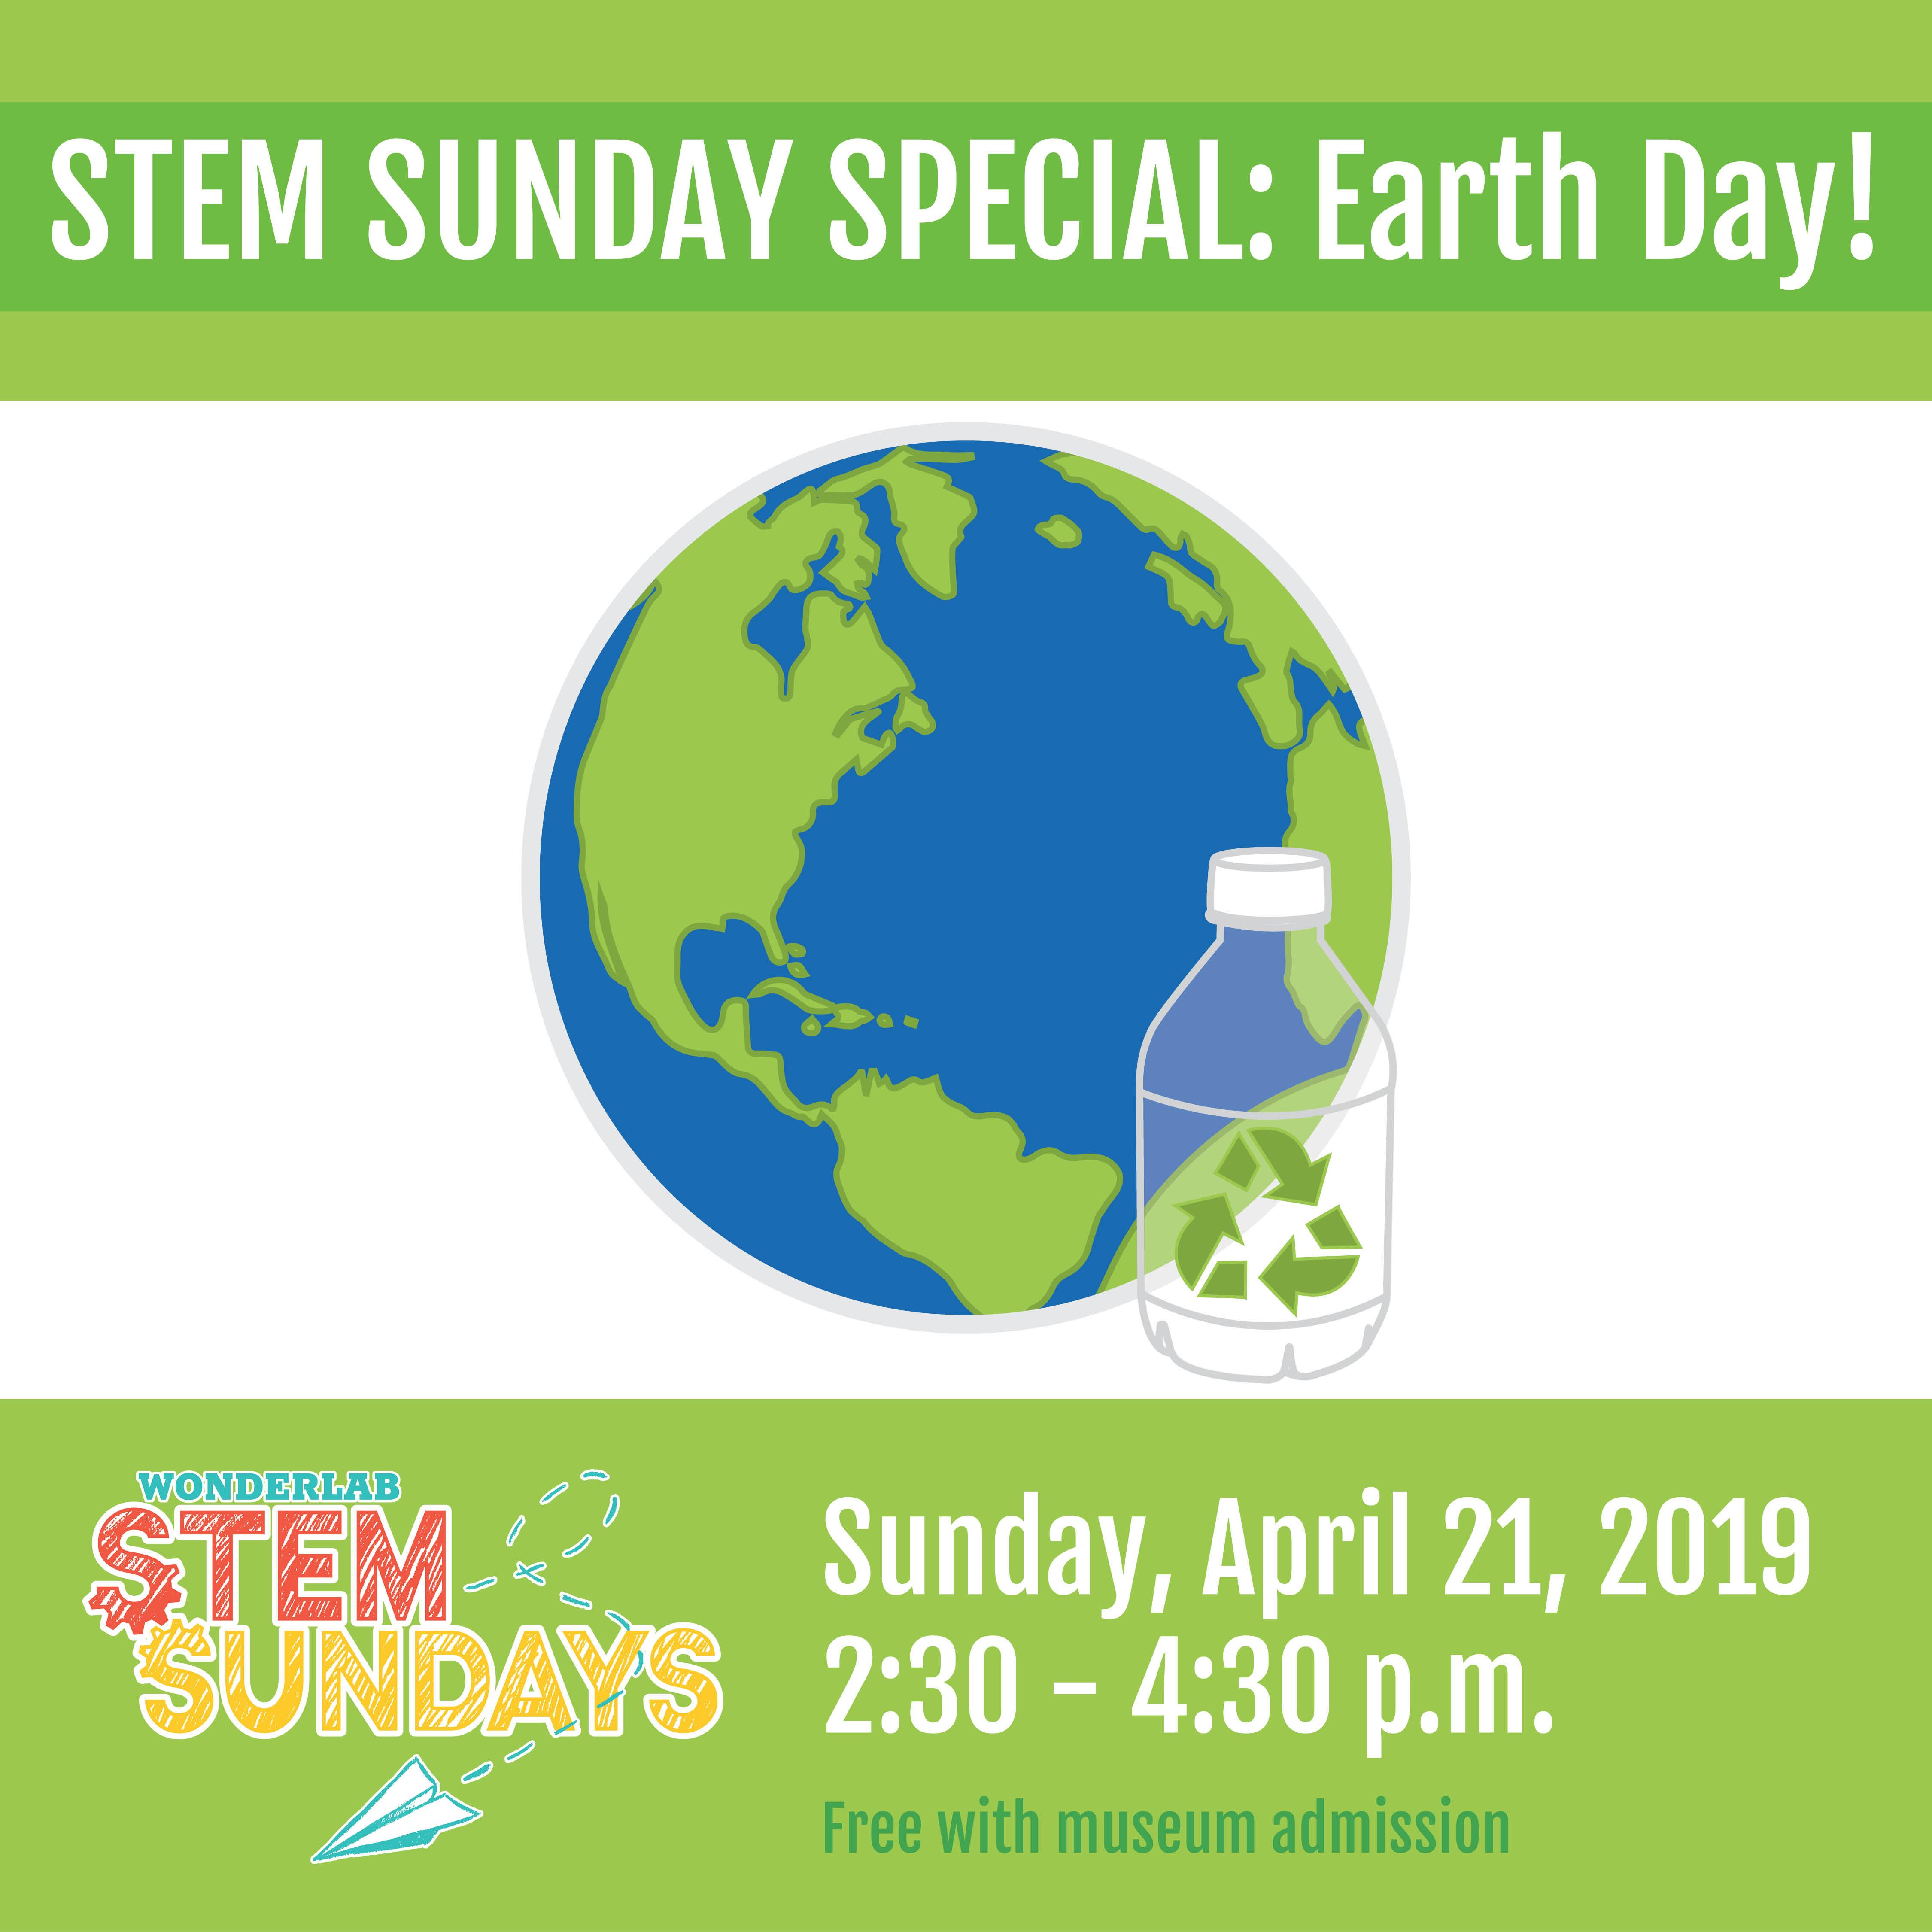 earth day celebration in school